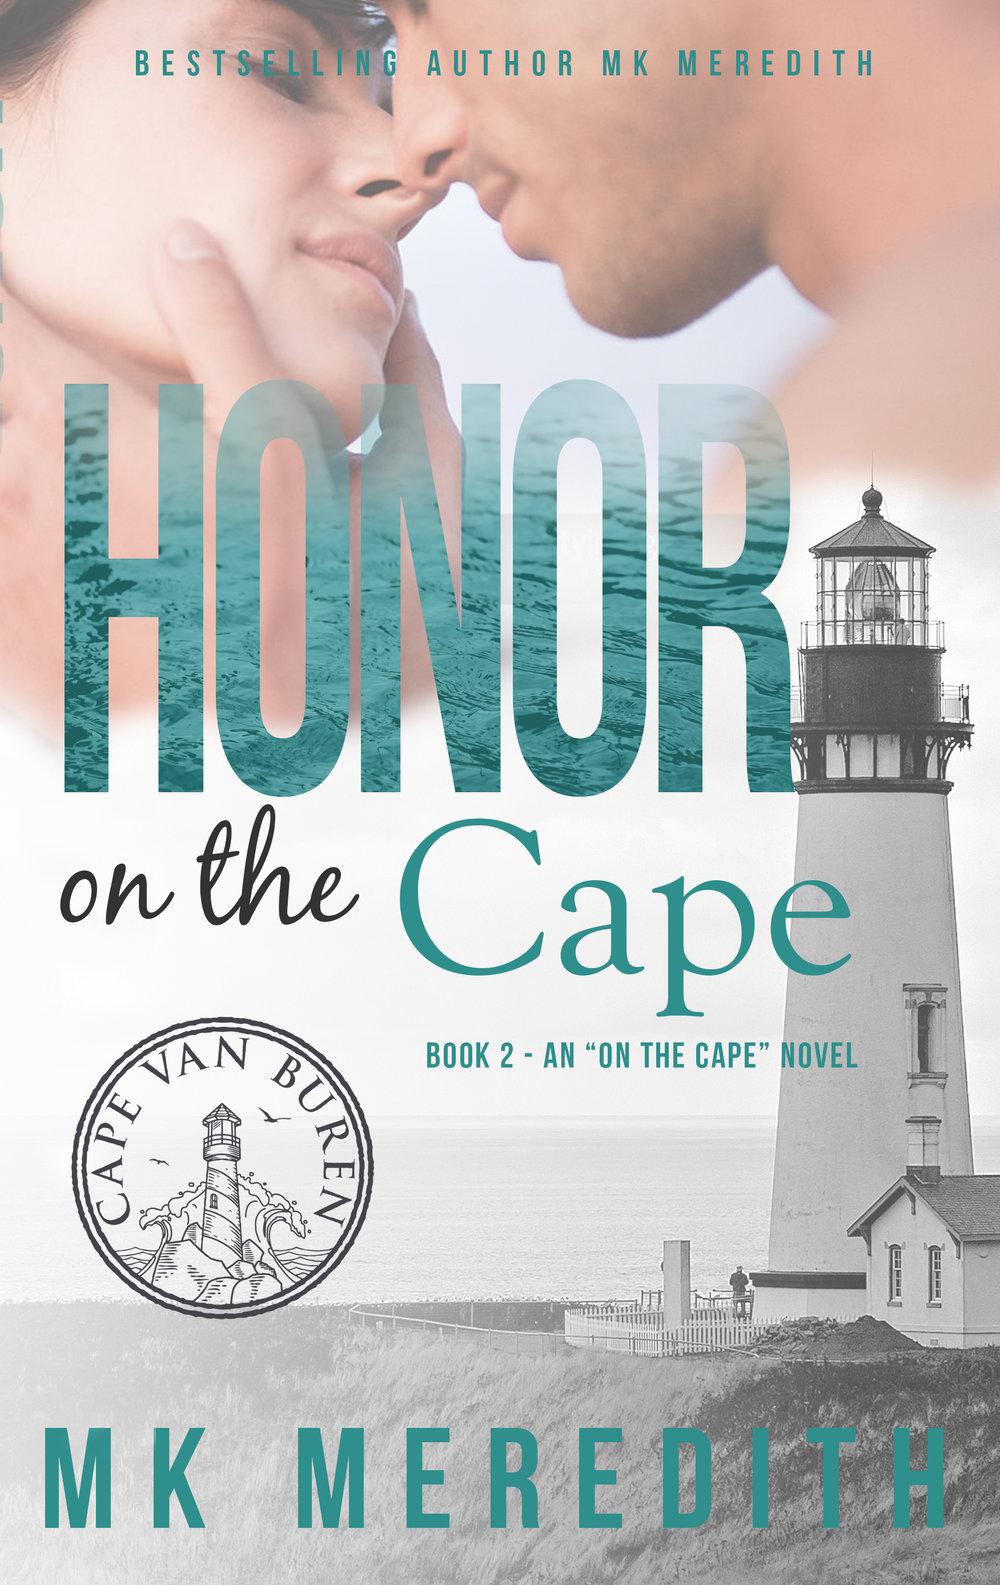 MK Meredith Honor on the Cape - Kindle.jpg